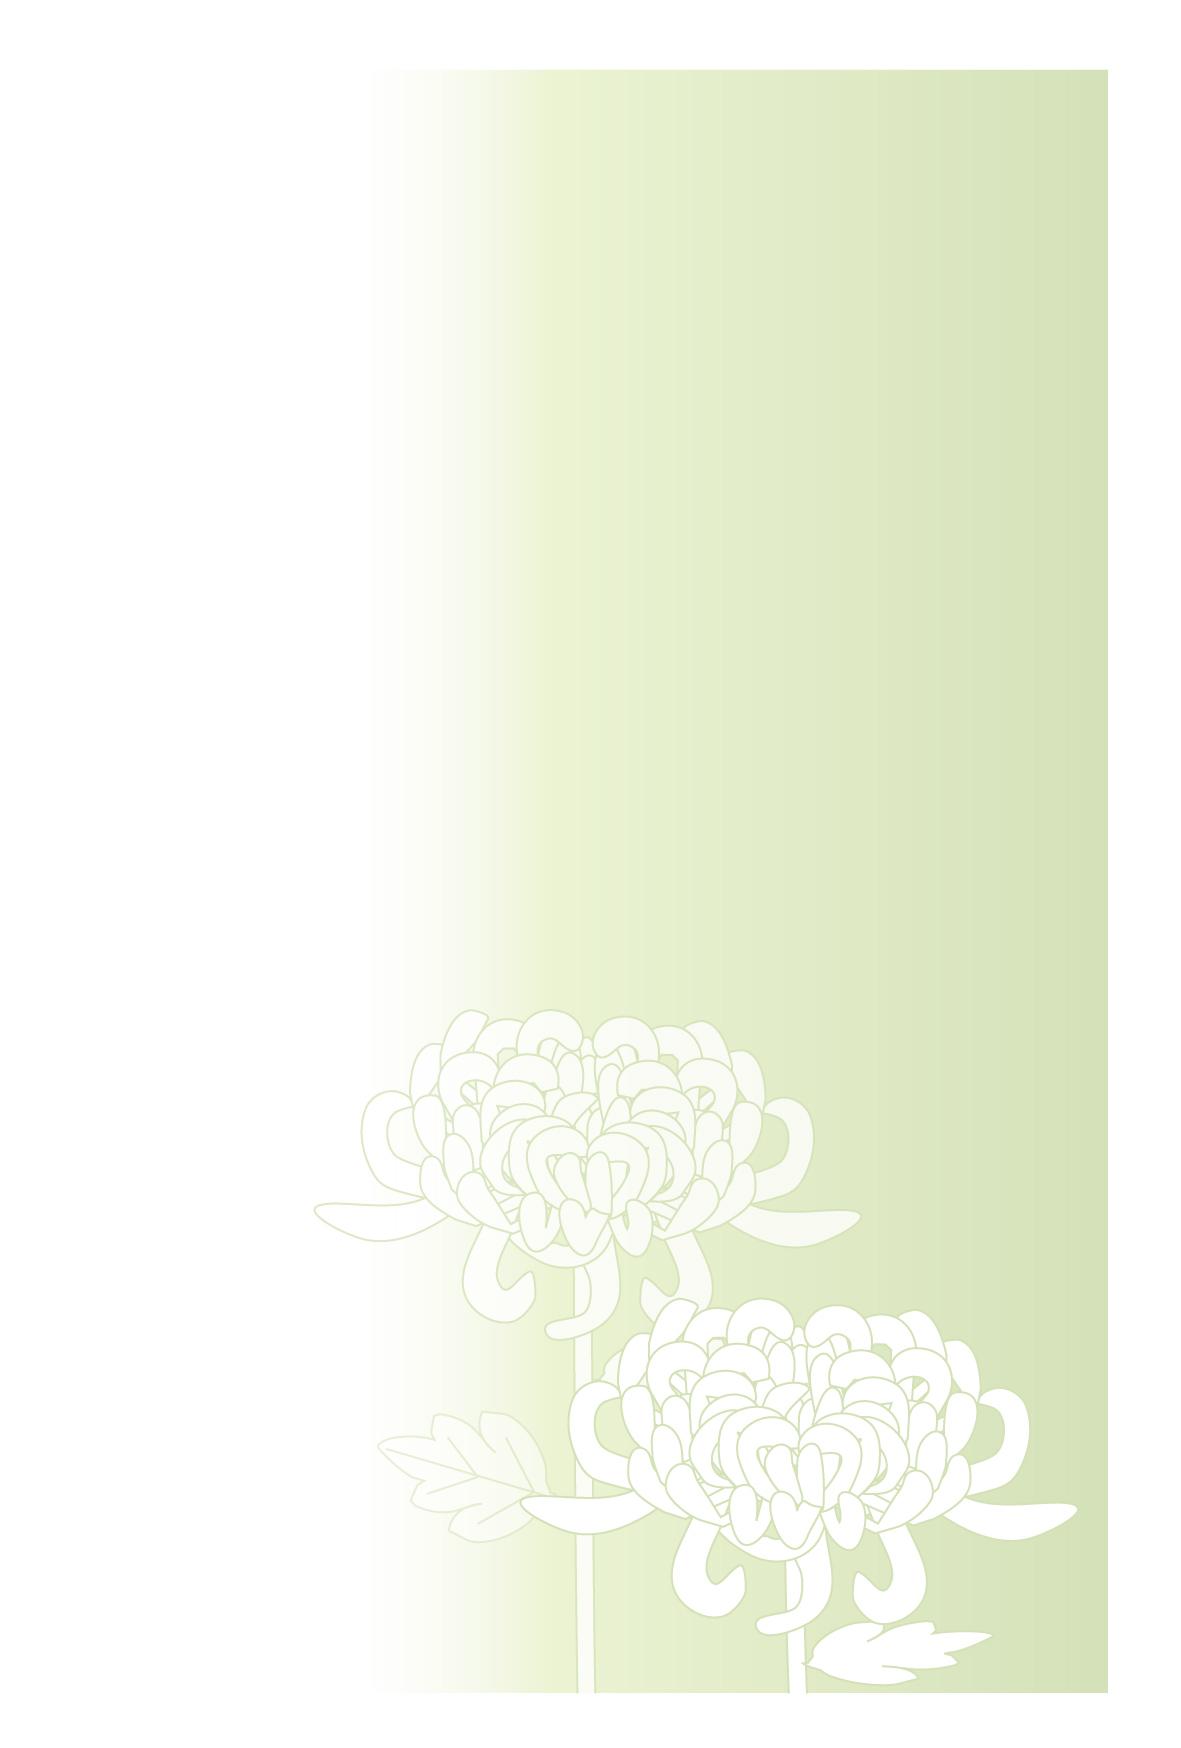 喪中はがき無料ダウンロード/菊の花デザイン喪中はがき